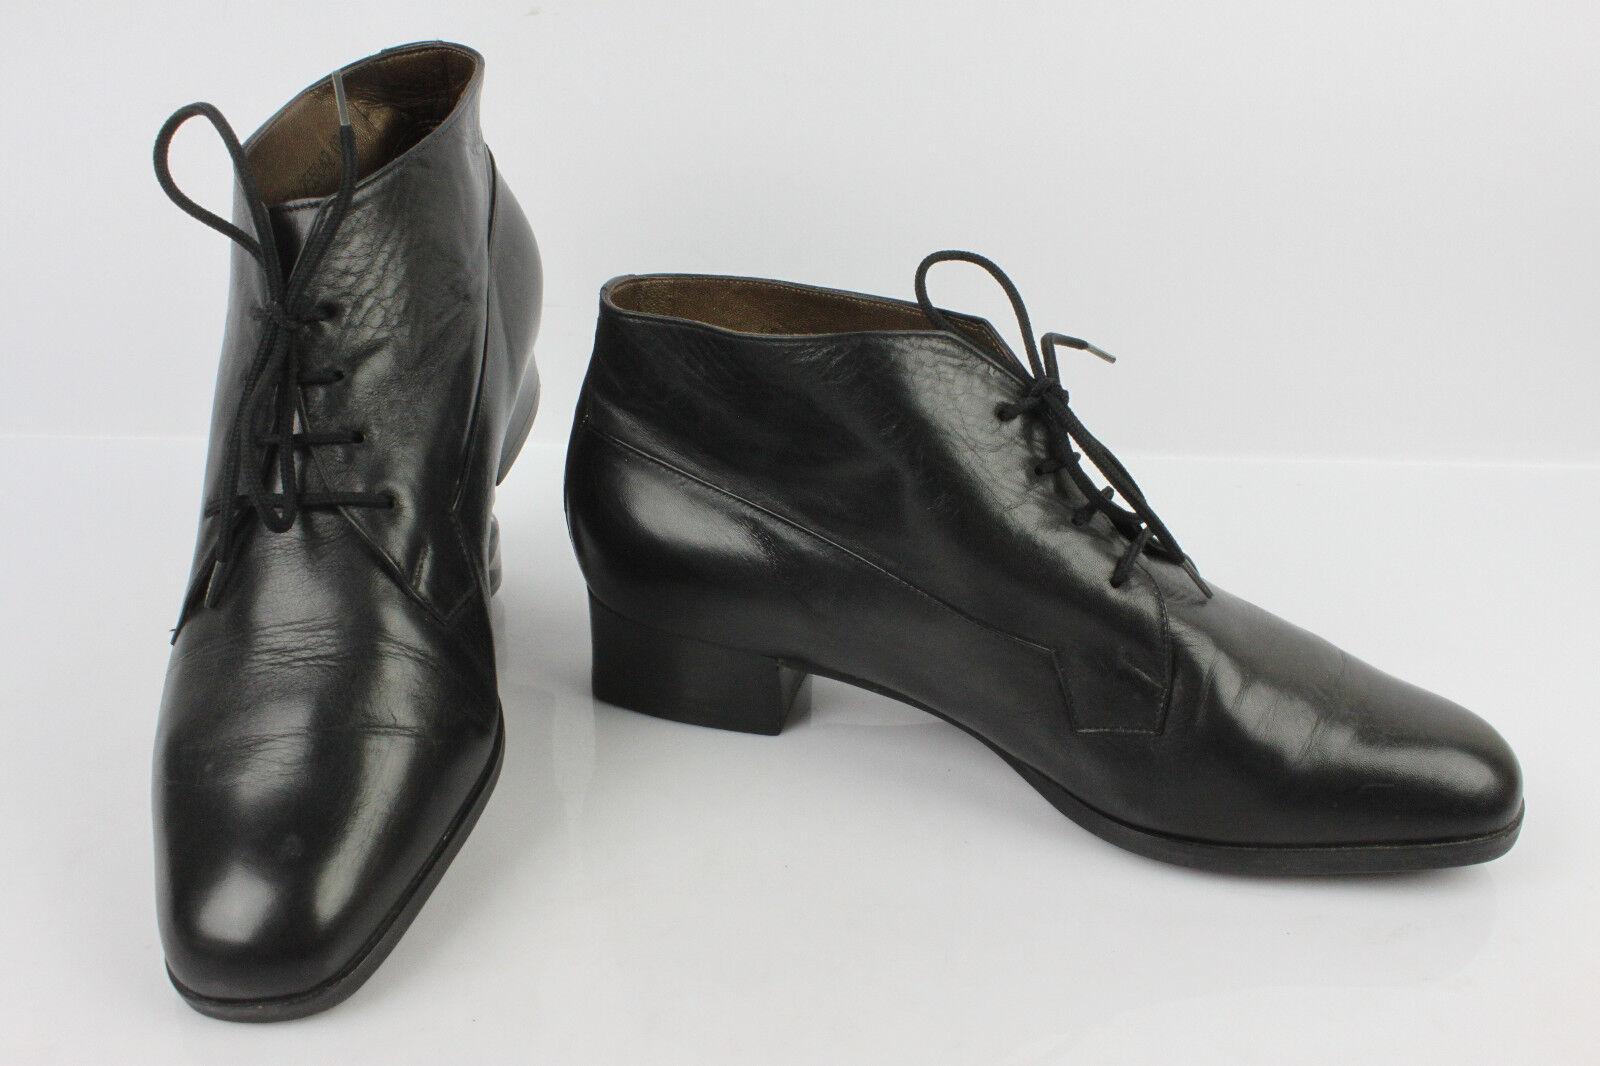 VINTAGE Bottines Stiefel à Lacets PETER 5 KAISER Cuir Noir UK 5 PETER / FR 37,5 / 38 TTBE d7a40d